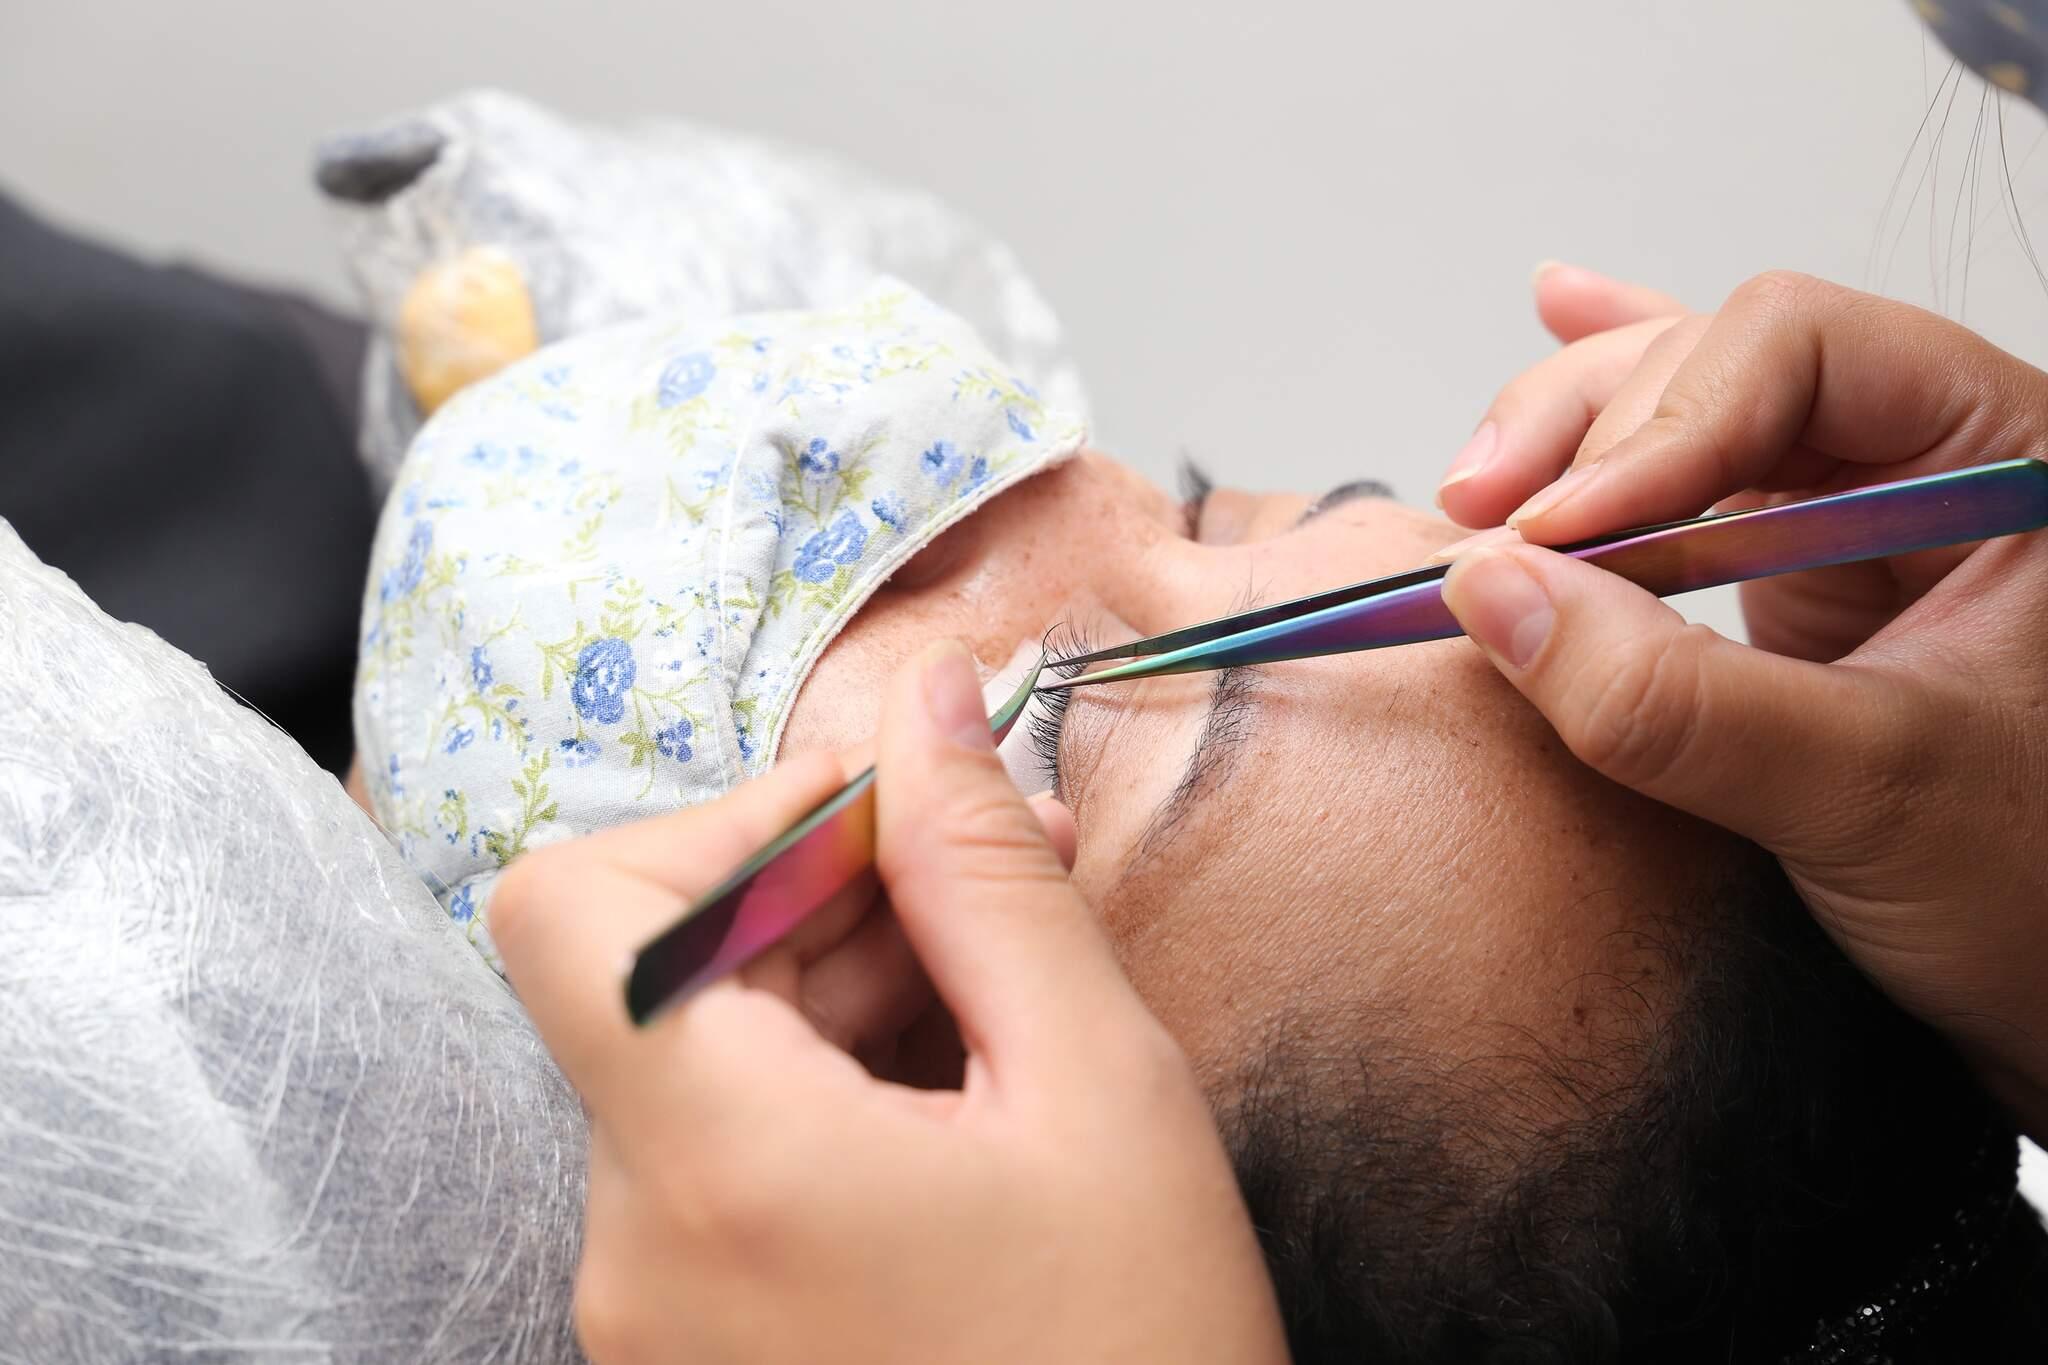 Além do básico, a equipe oferece uma série de outros serviços, como alongamento de cílios, micropigmentação e depilação. (Foto: Paulo Francis)